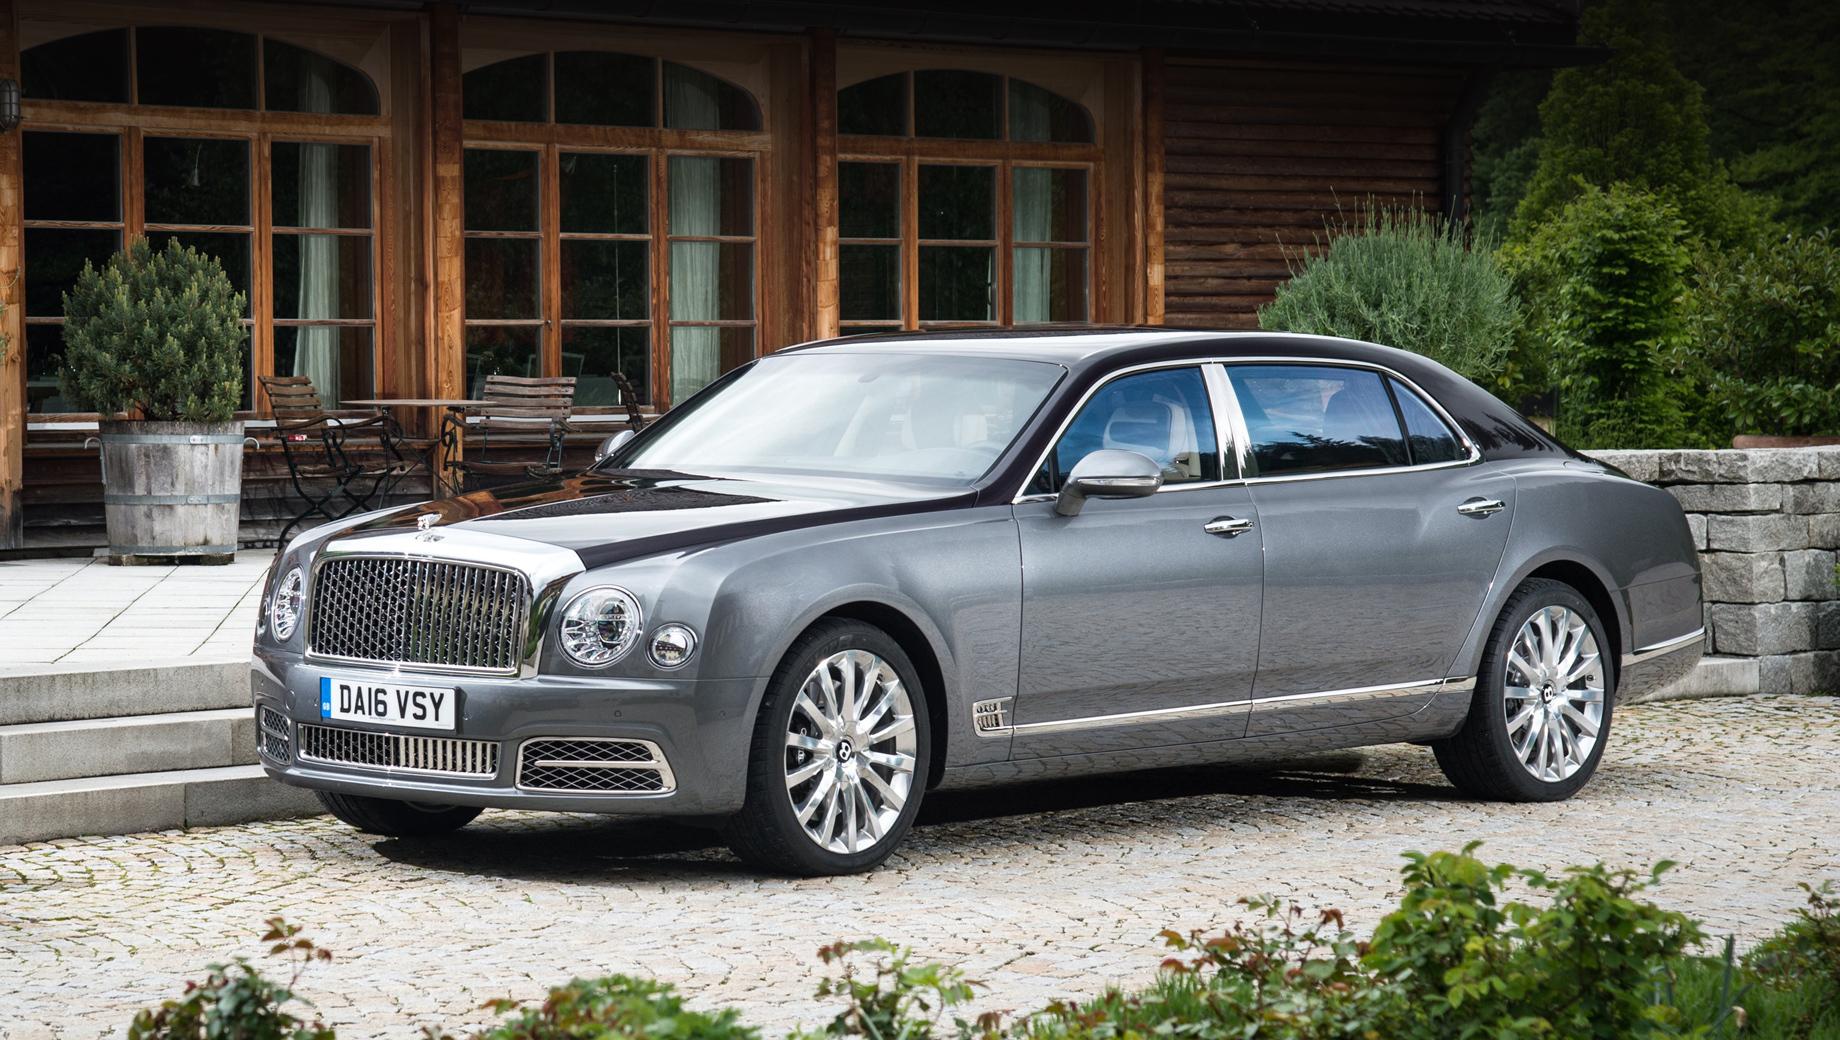 Bentley mulsanne,Bentley bentayga. Мы привыкли видеть Mulsanne на вершине модельной гаммы Bentley (тут показан длиннобазный вариант). Но что, если самым дорогим серийным Bentley окажется вовсе не седан?